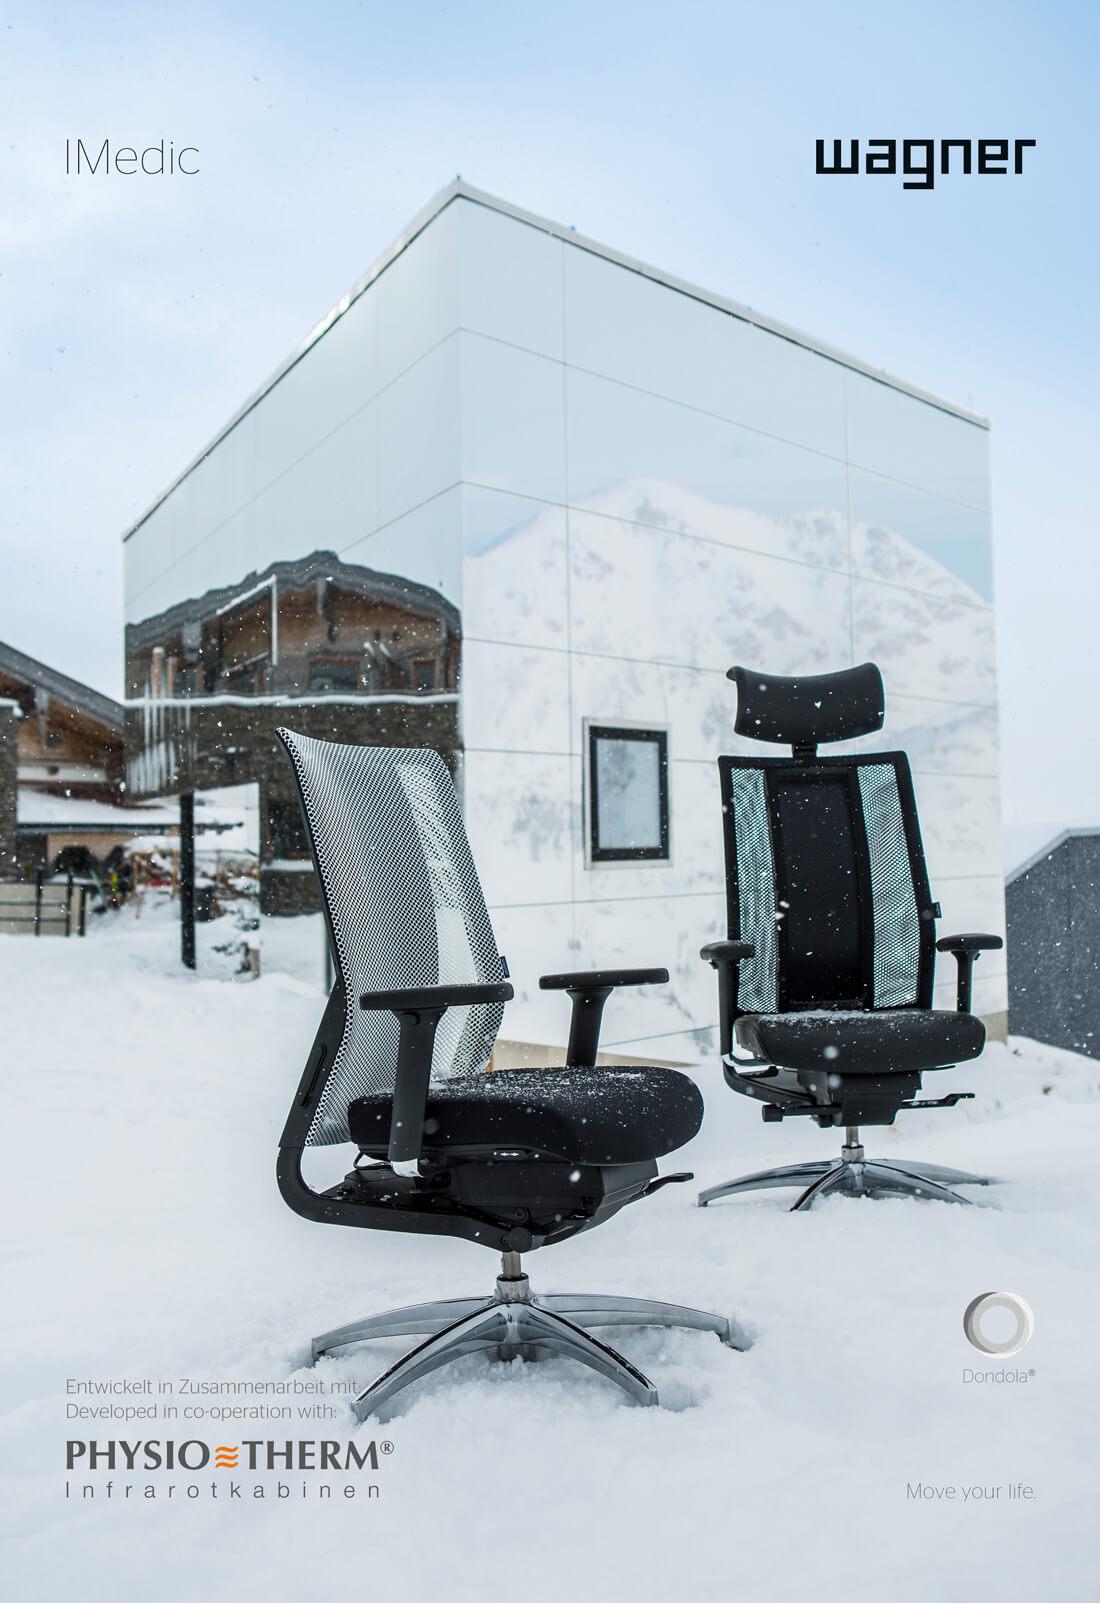 WAGNER Neuentwicklung mit PhysioTherm - fotografiert von Matthias Baumgartner auf der Kristallhütte